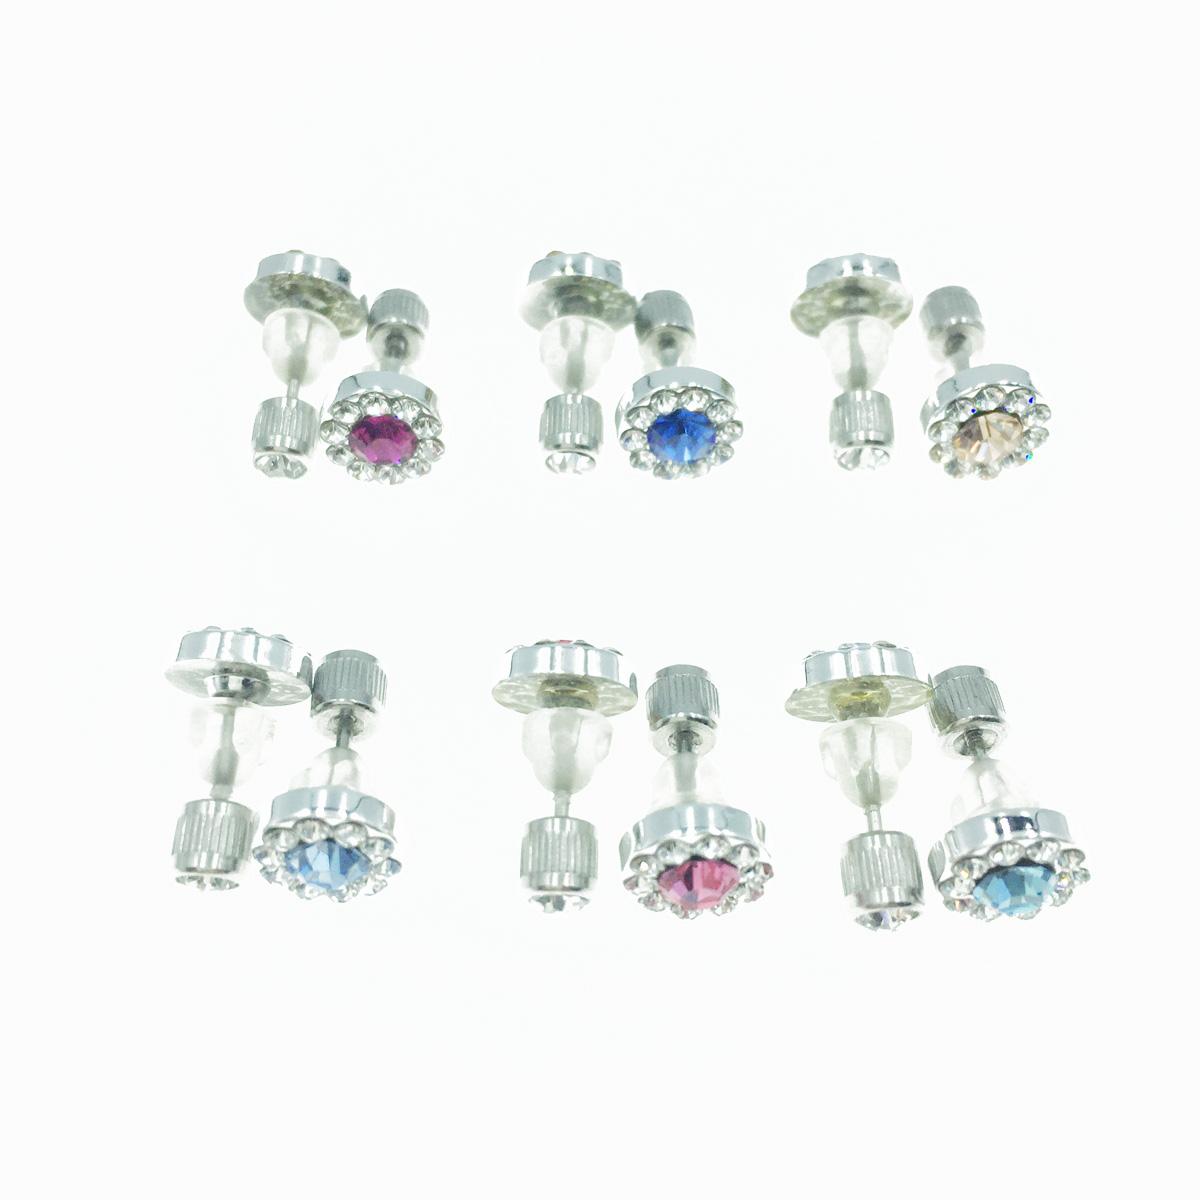 不鏽鋼 水鑽 閃耀單鑽 圓鑽 基本款 6色 後轉耳針式耳環